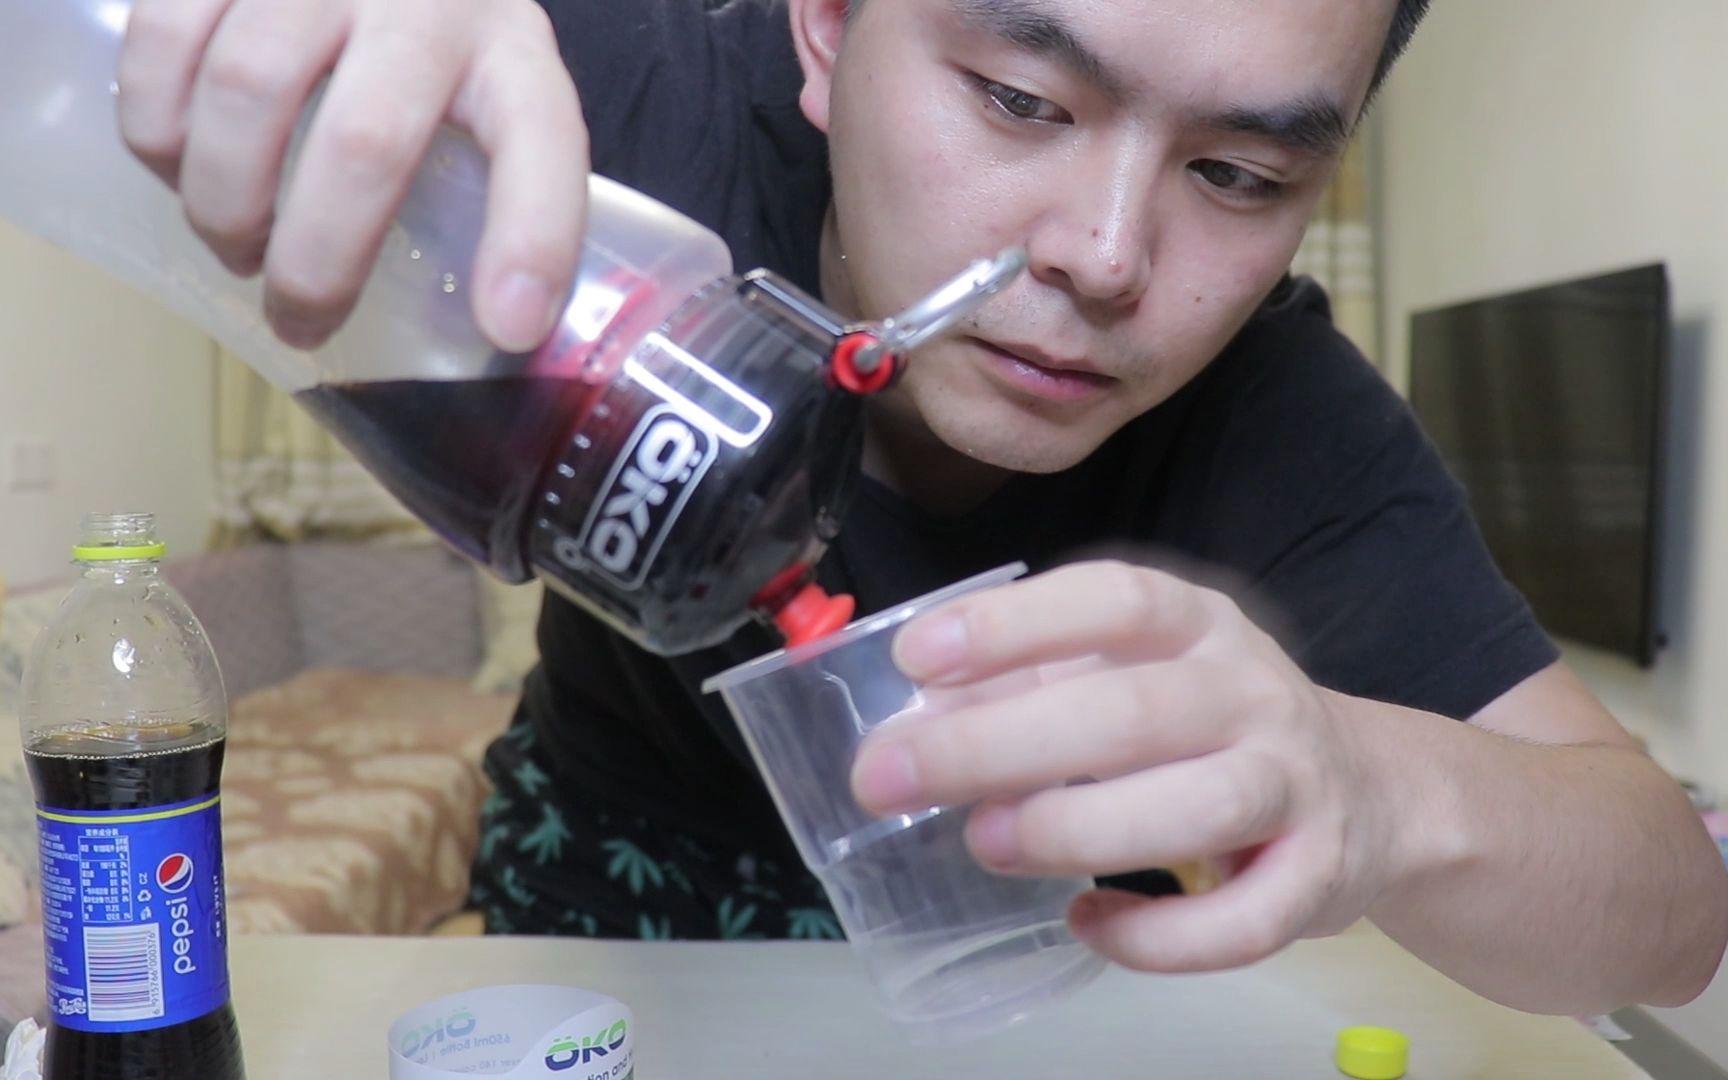 来自NASA太空技术的滤水杯,一秒钟就可以把可乐变透明!